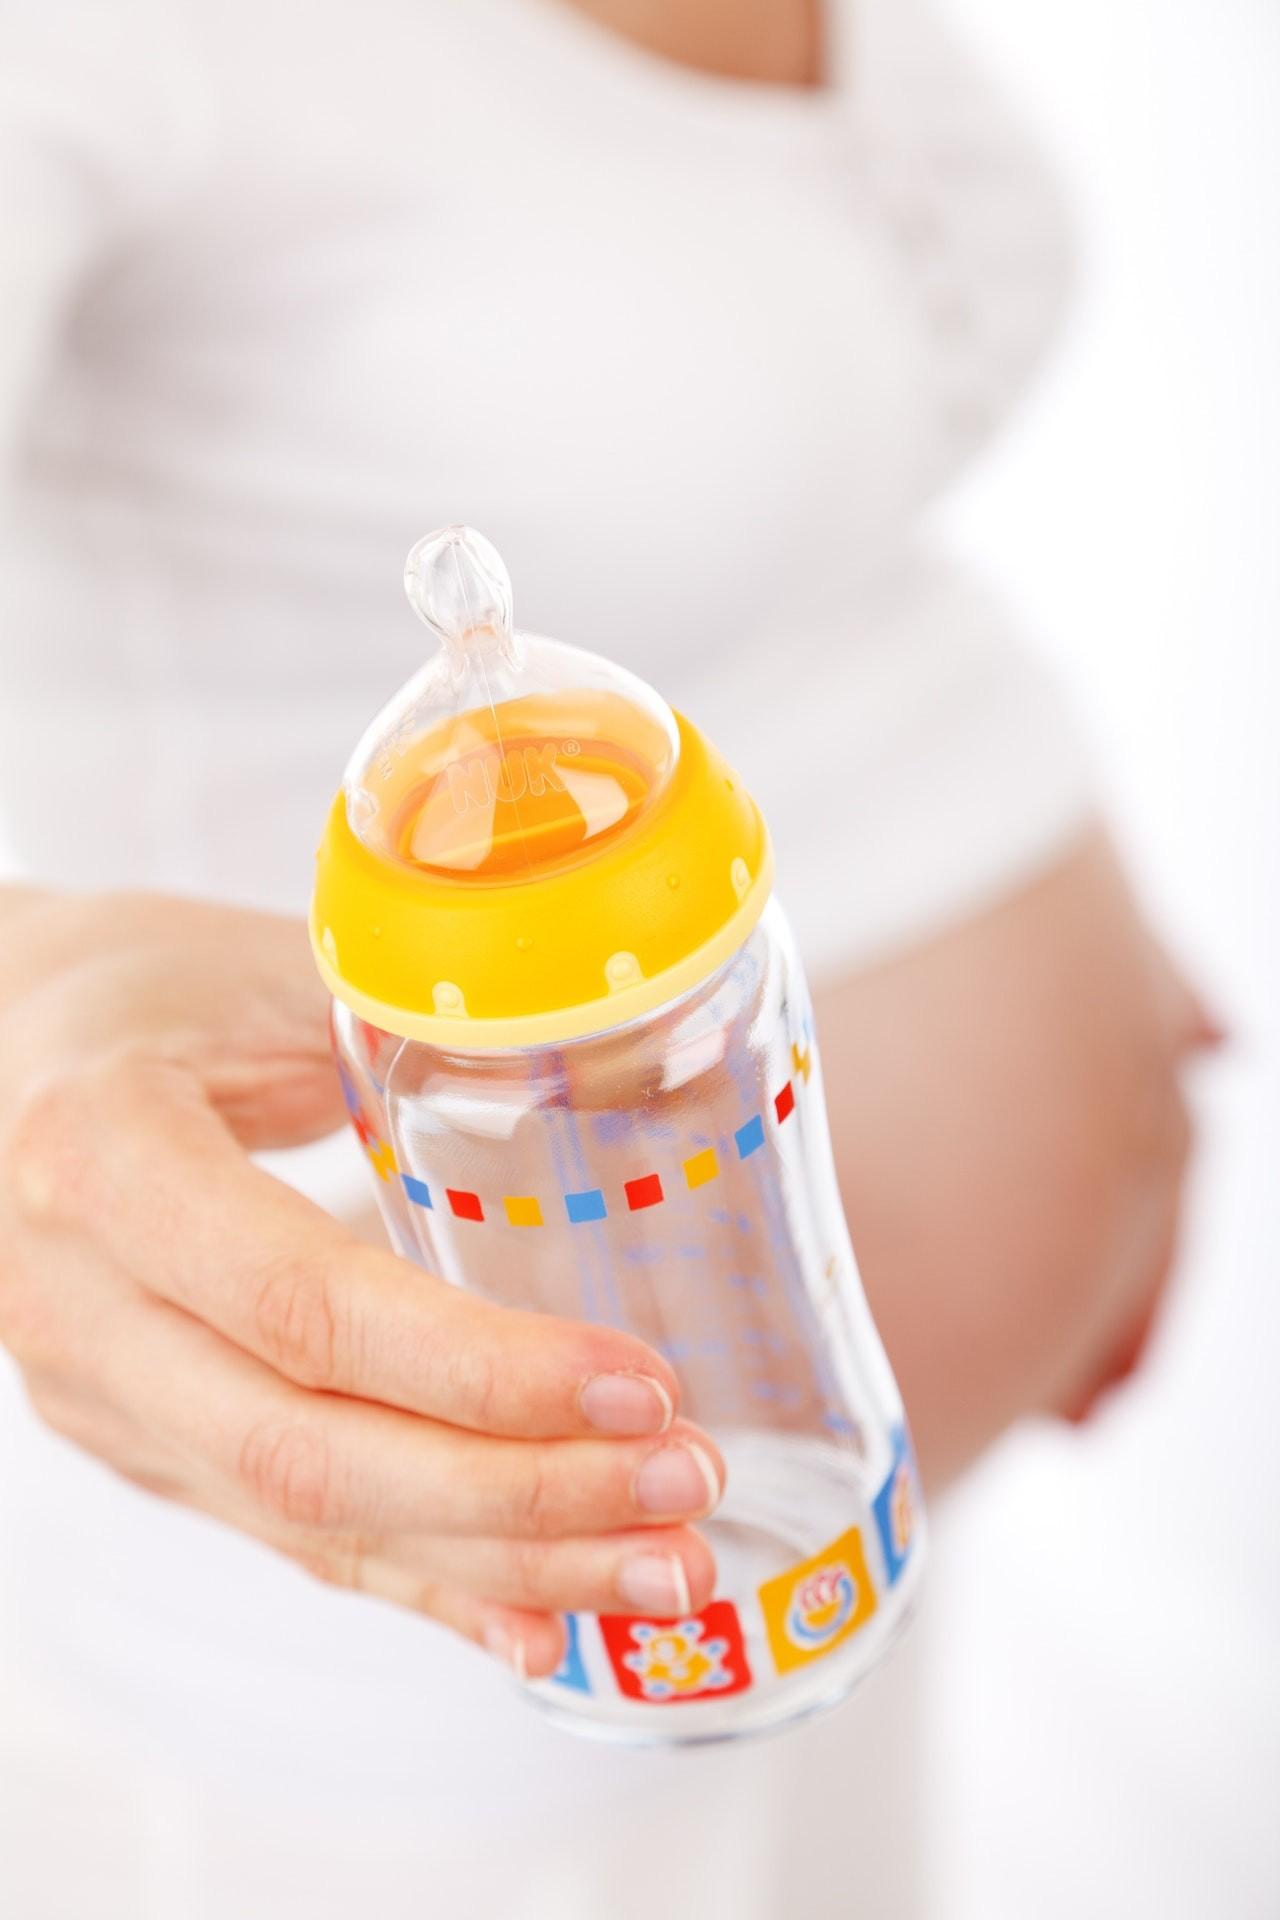 Achte beim Kauf einer Babyflasche auf das Material. Möchtest Du auf Nummer sicher gehen, entscheide Dich für ein natürliches Material für Edelstahl oder Glas und vermeide Kunststoff.